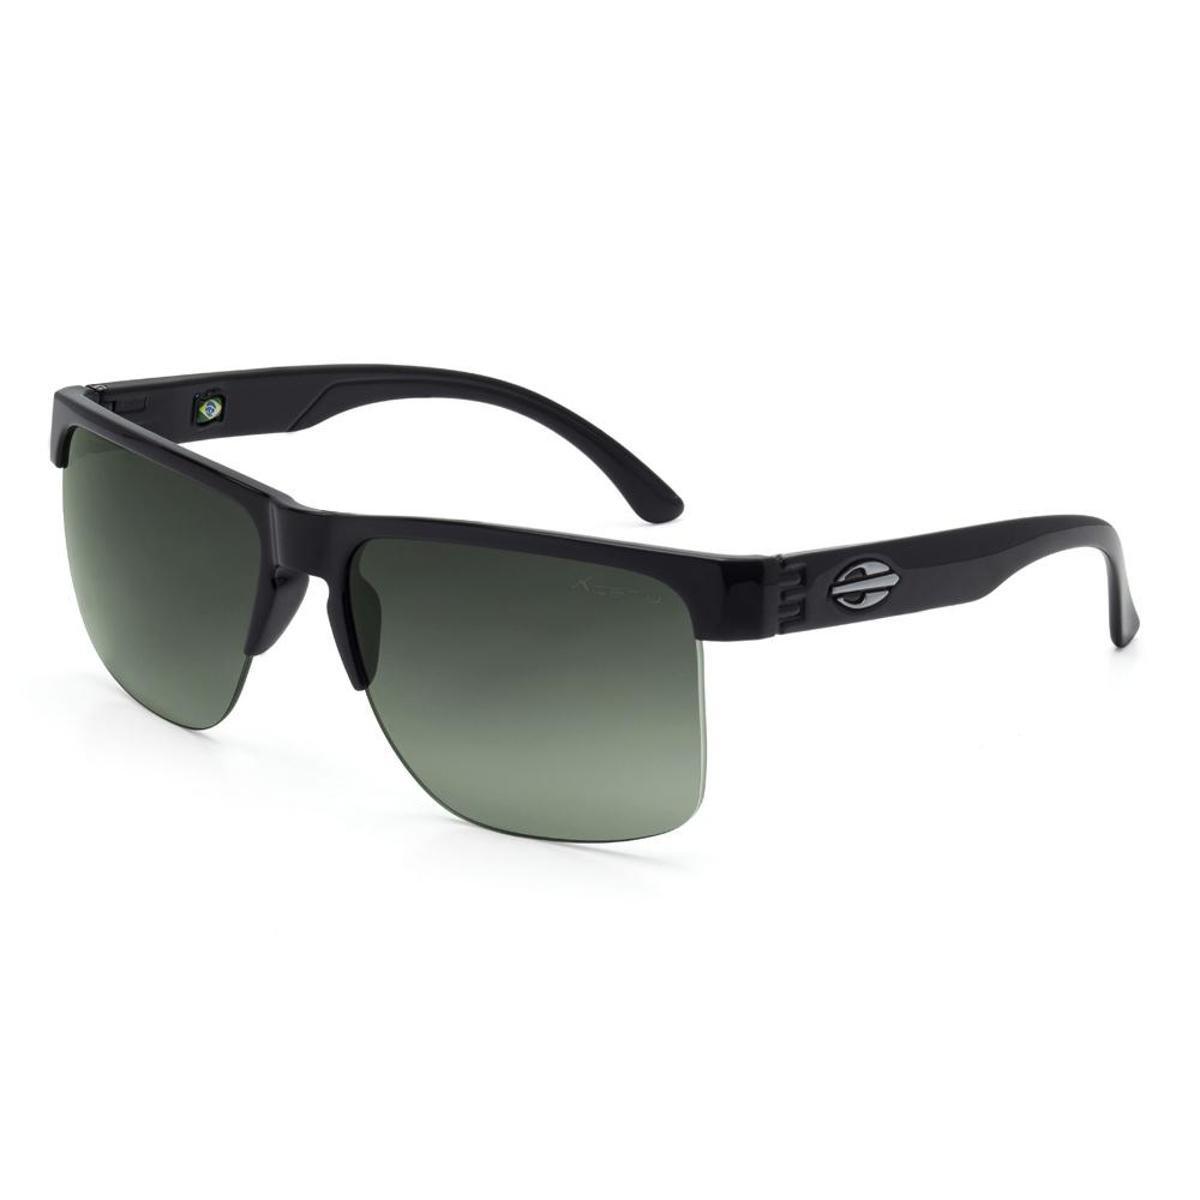 Óculos De Sol Mormaii Monterey Fly Lente G15 Degradê Polarizada ... f031ddbe88